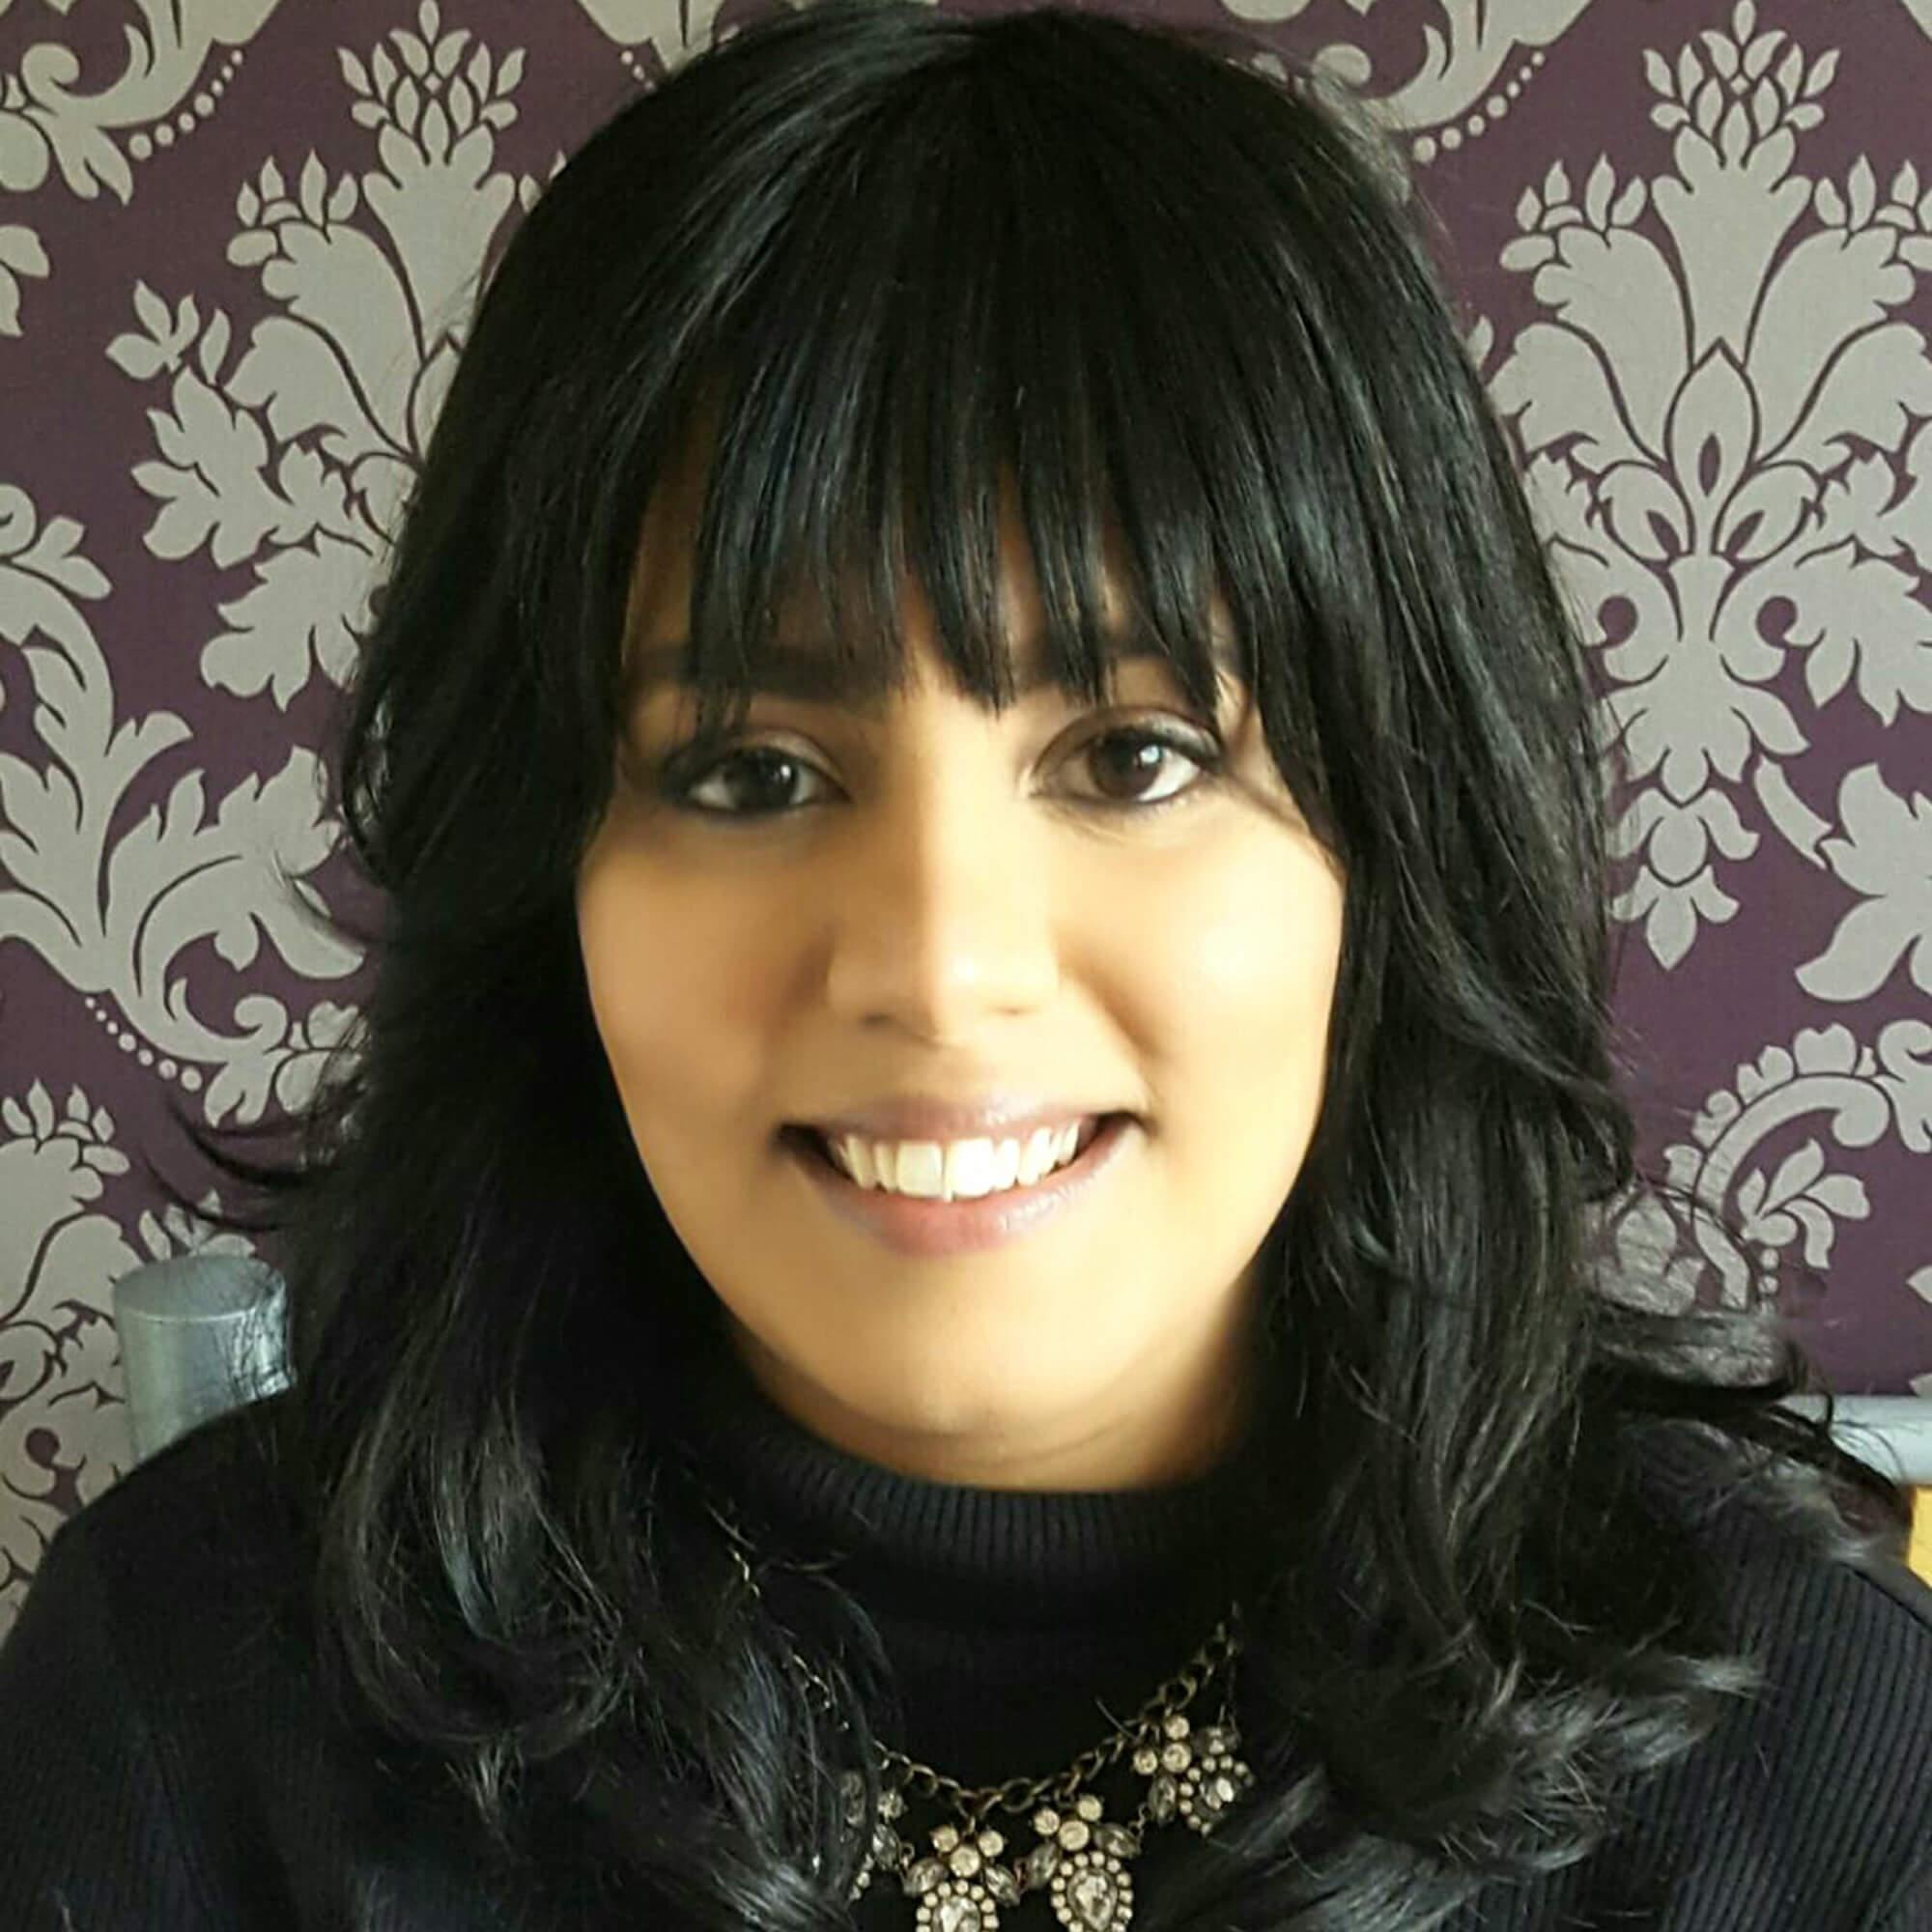 Jaskaran wearing a black top, smiling.